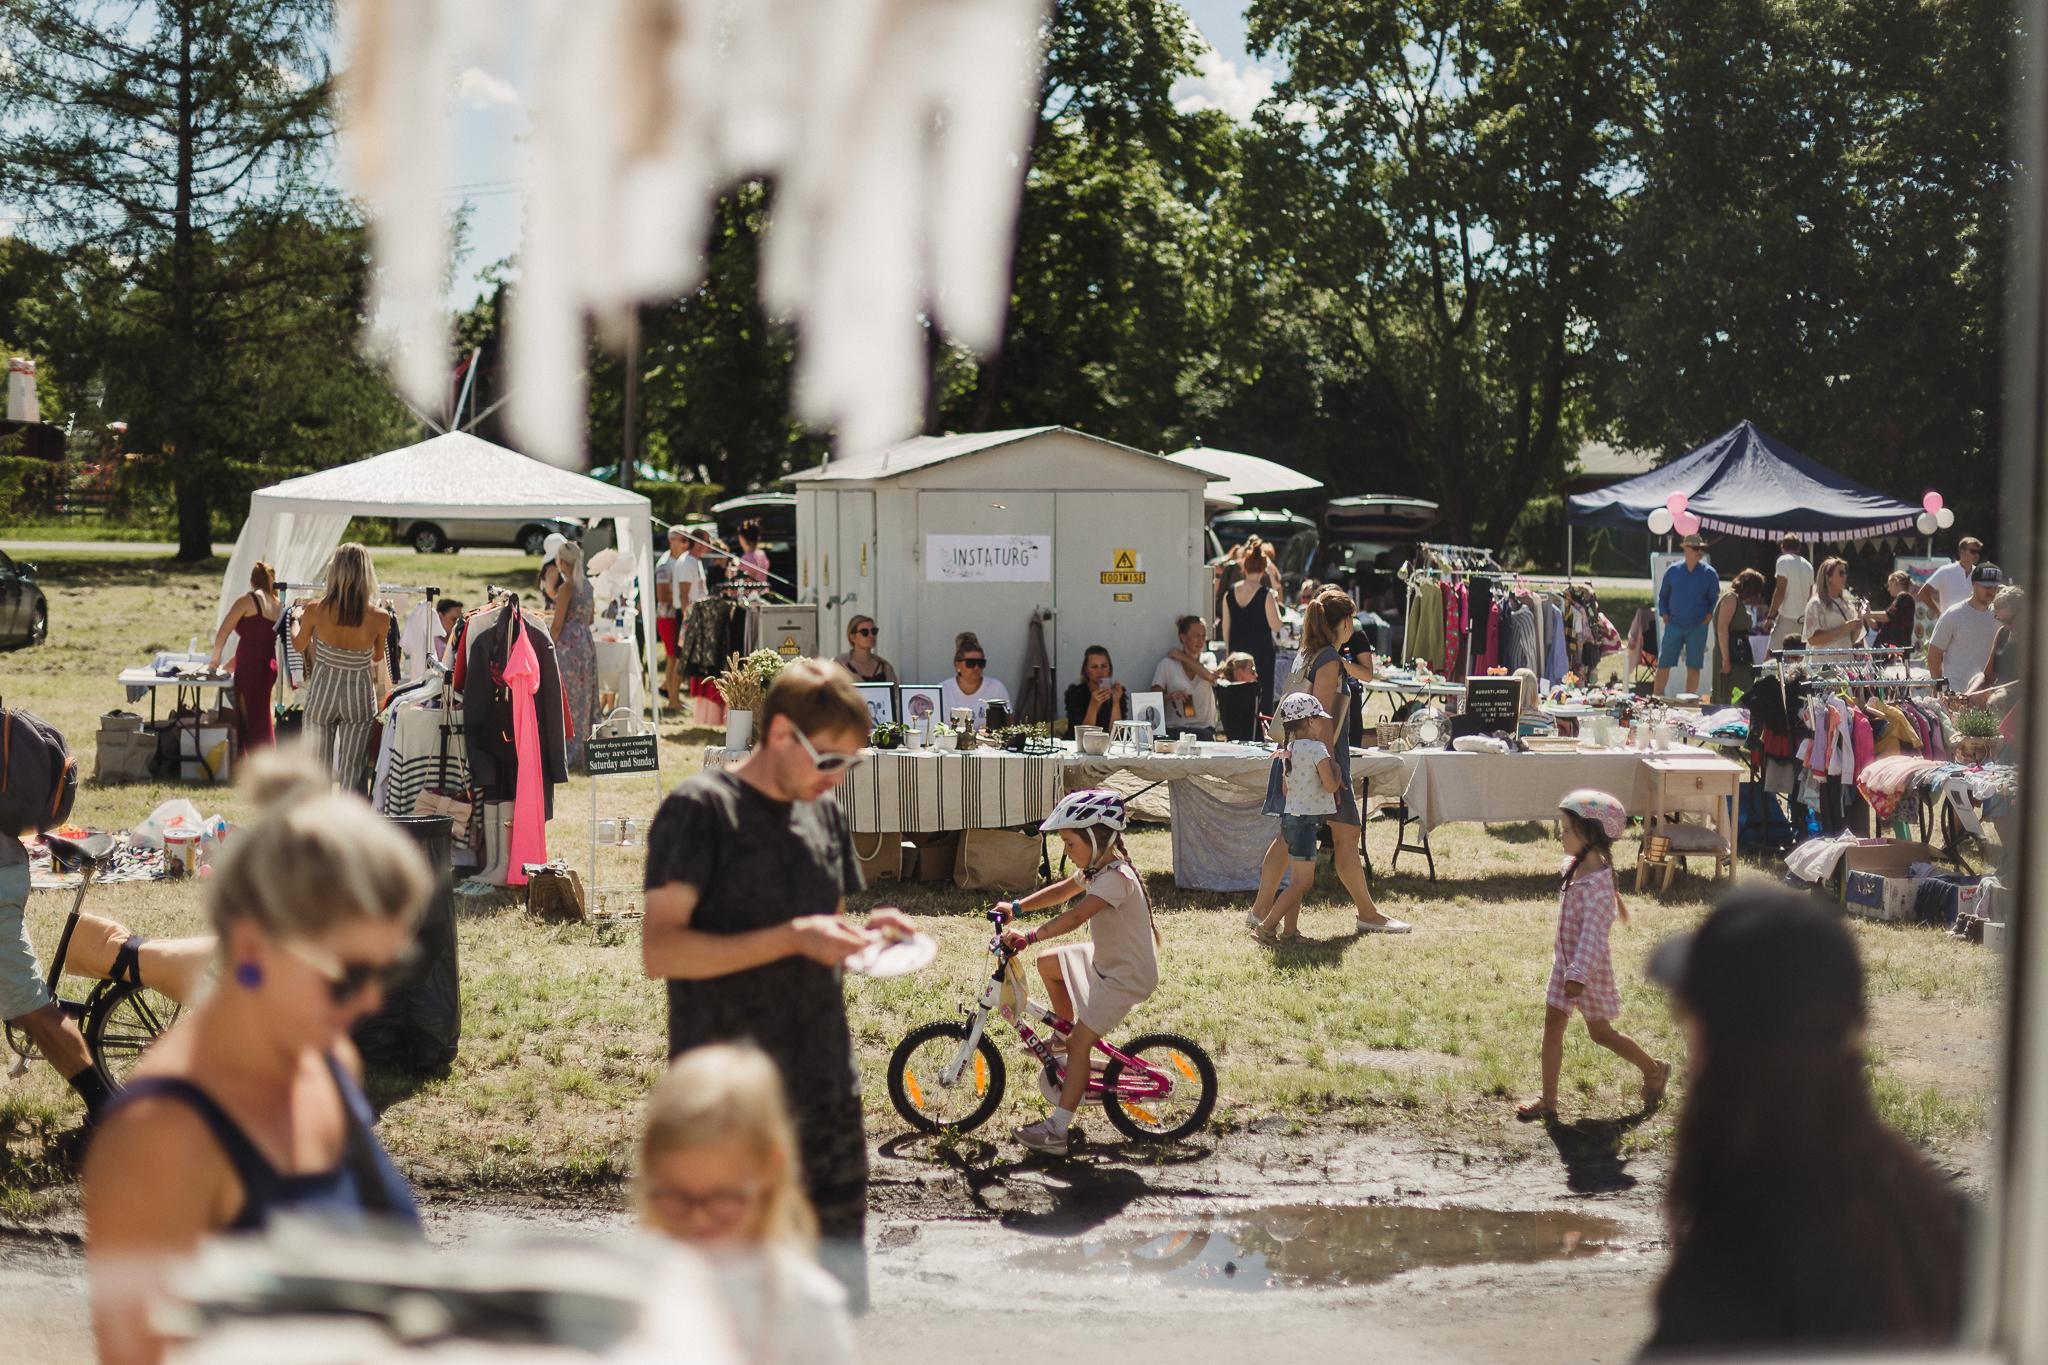 festival – 13 praktilist tähelepanekut